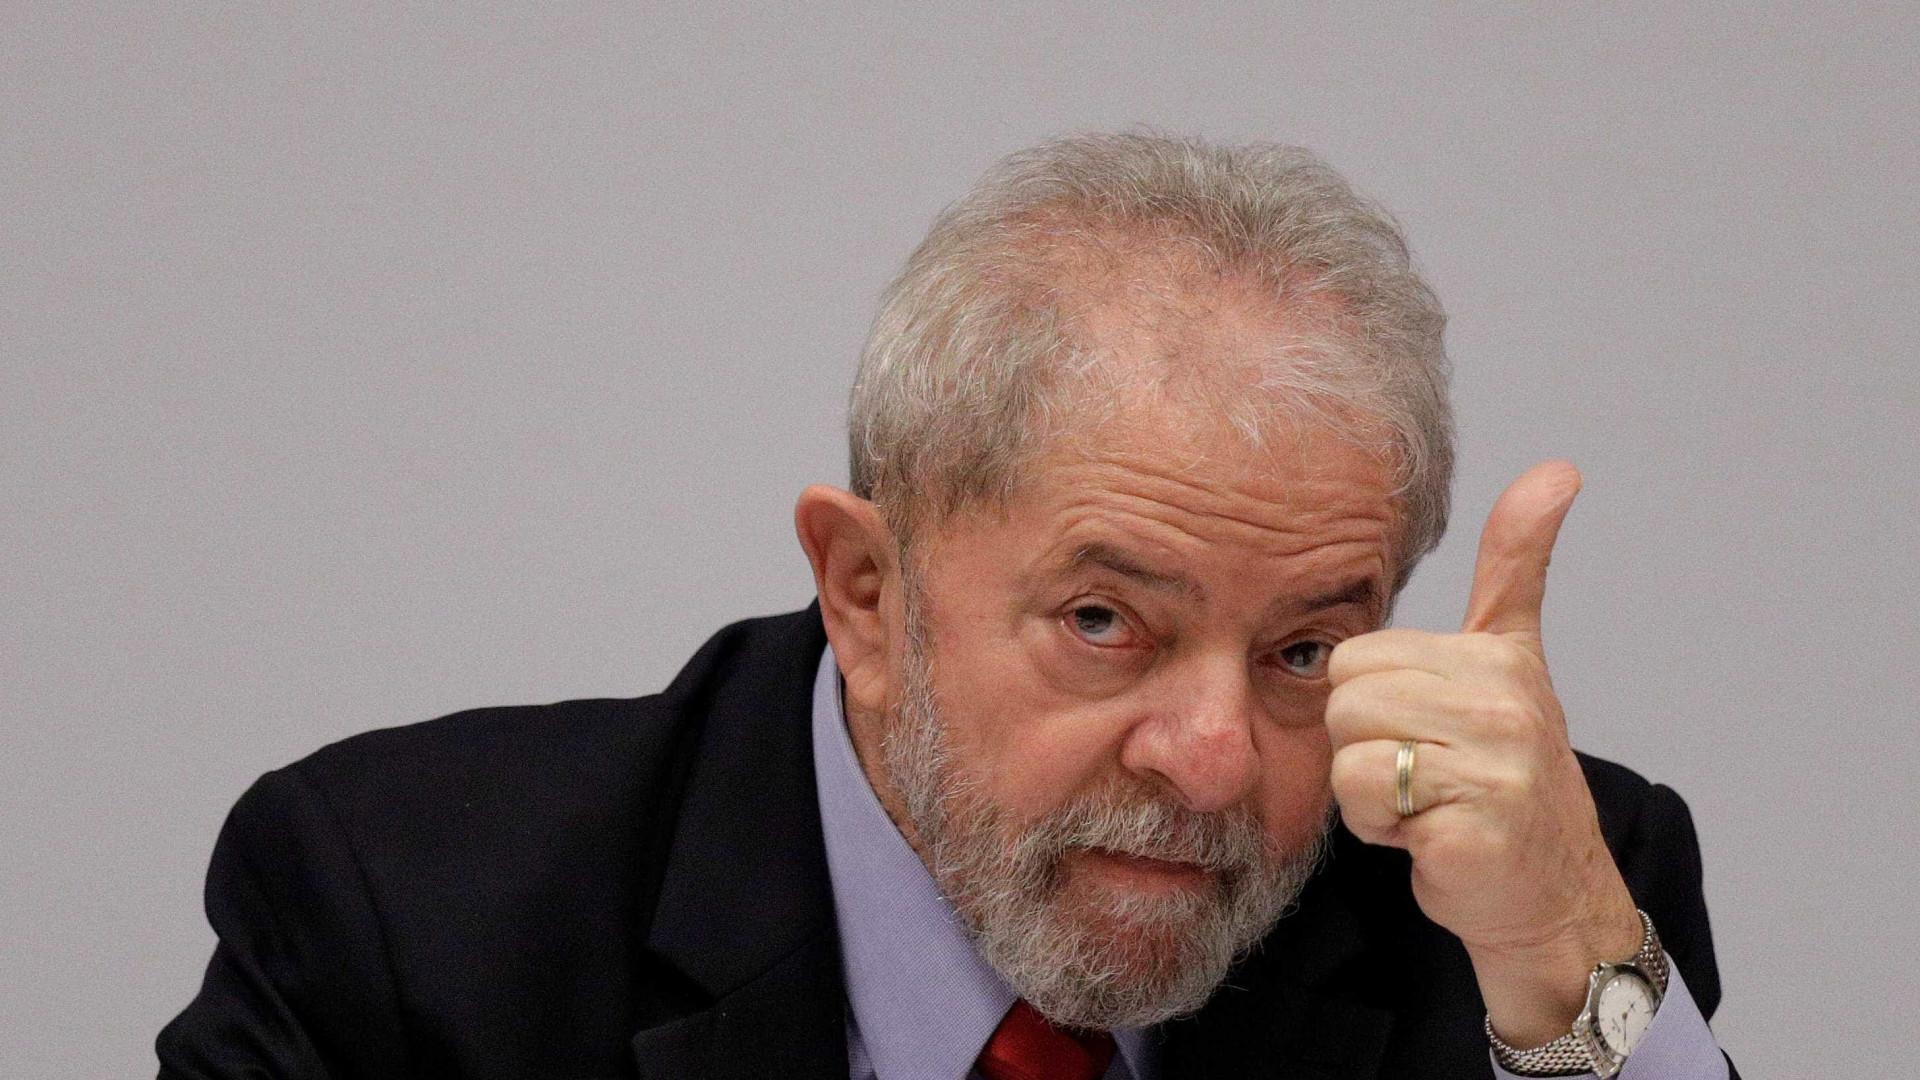 Após decisão de desembargador, Lula entra no 'trend topics' do Twitter